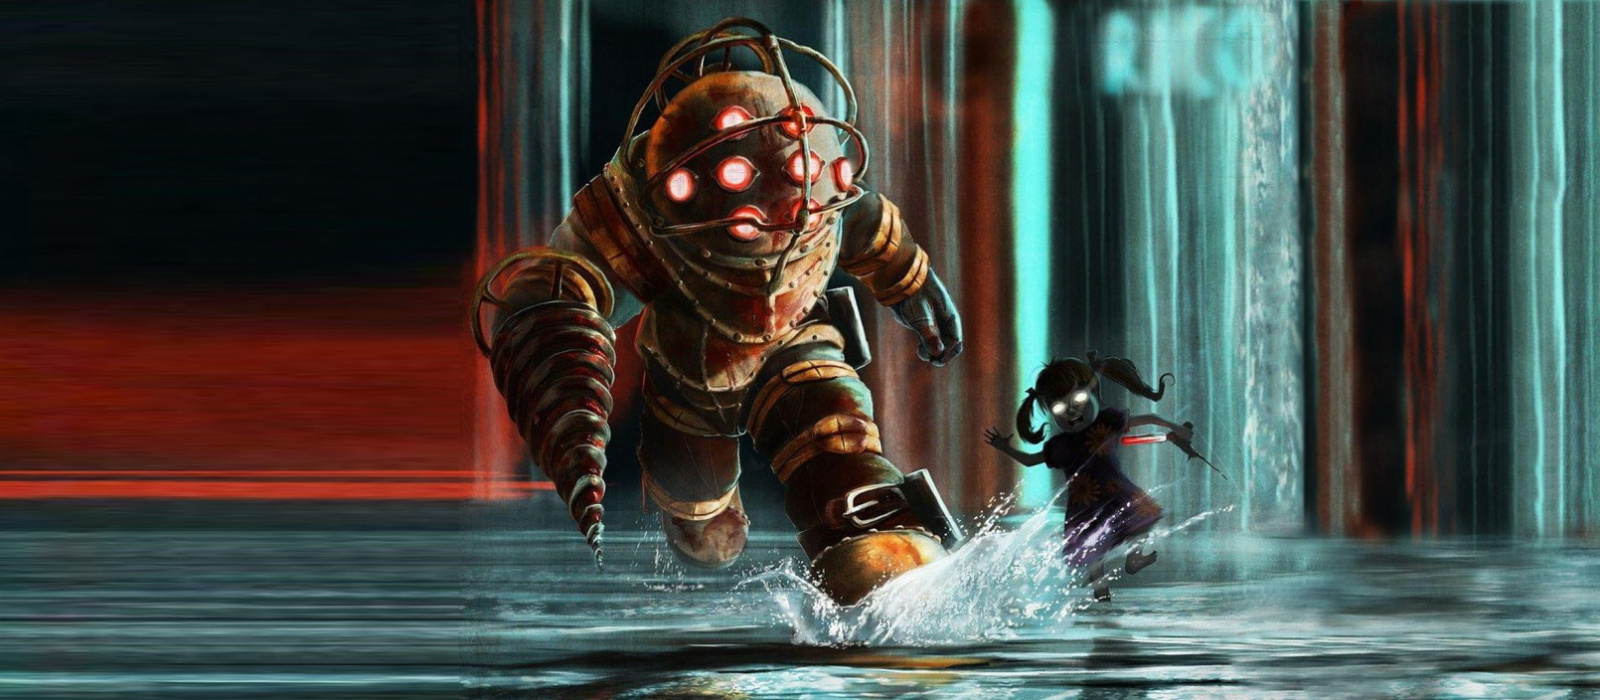 Das Video zeigte, dass es ungewöhnlich war, wenn es 2D-Grafiken in Bioshock gab